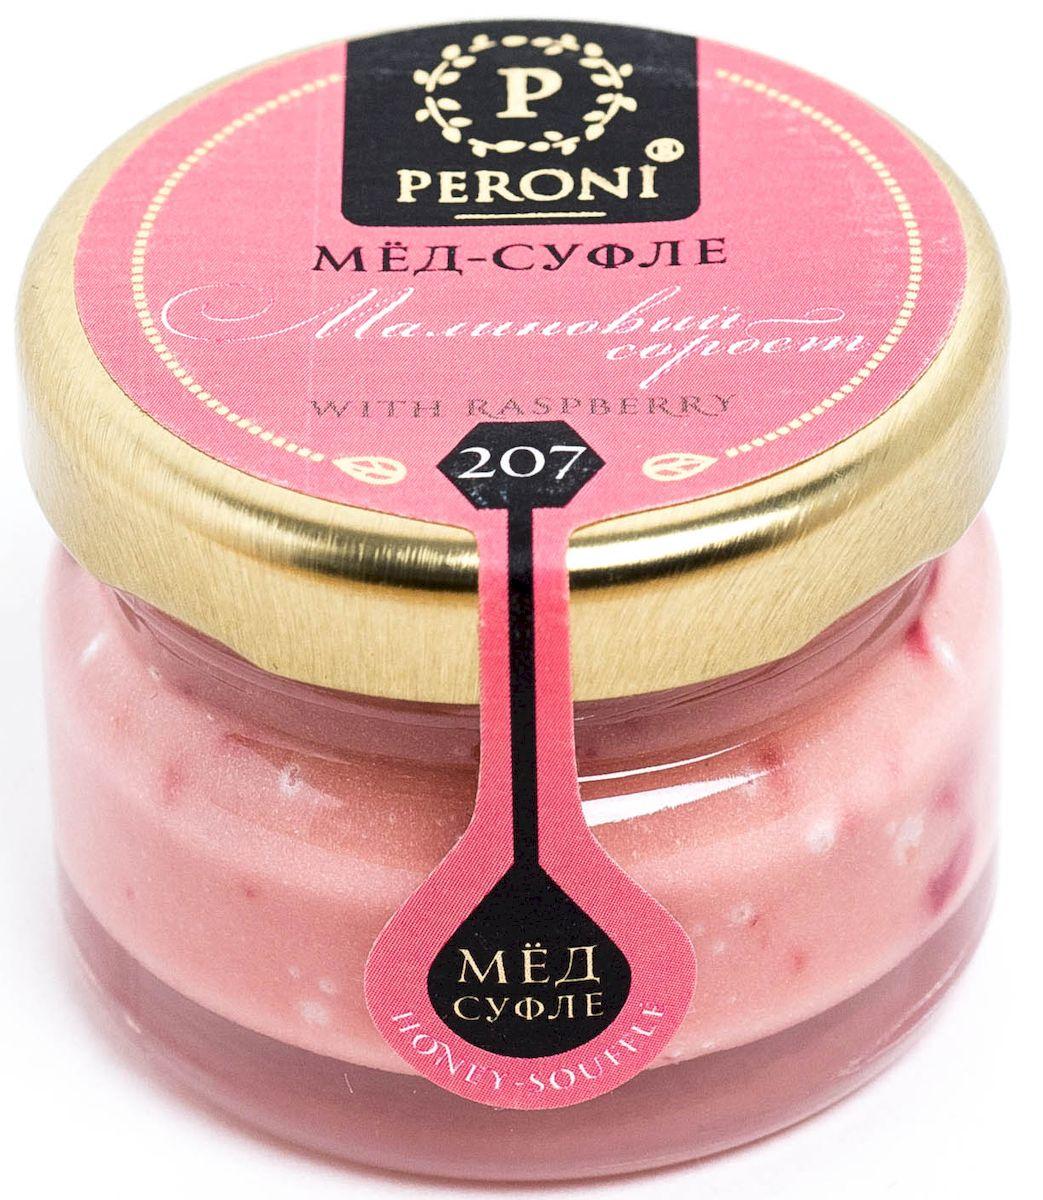 Peroni Малиновый сорбет мёд-суфле, 30 г peroni медовые путешествия мёд суфле подарочный набор 4х30 г